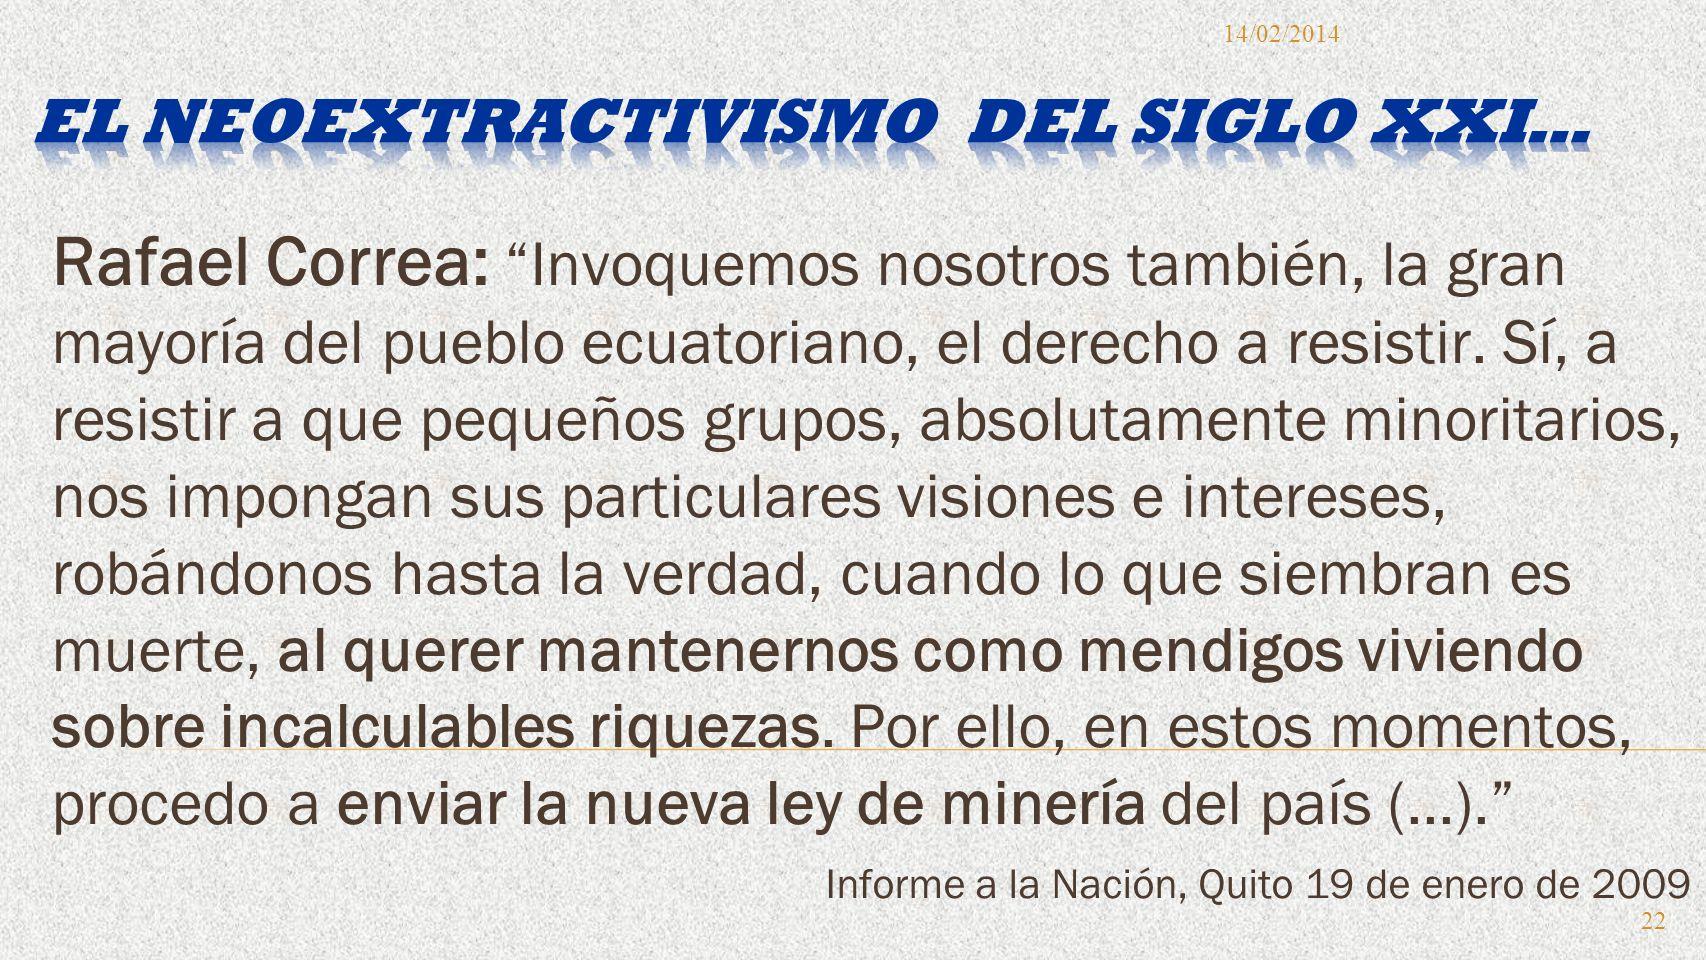 Rafael Correa: Invoquemos nosotros también, la gran mayoría del pueblo ecuatoriano, el derecho a resistir. Sí, a resistir a que pequeños grupos, absol